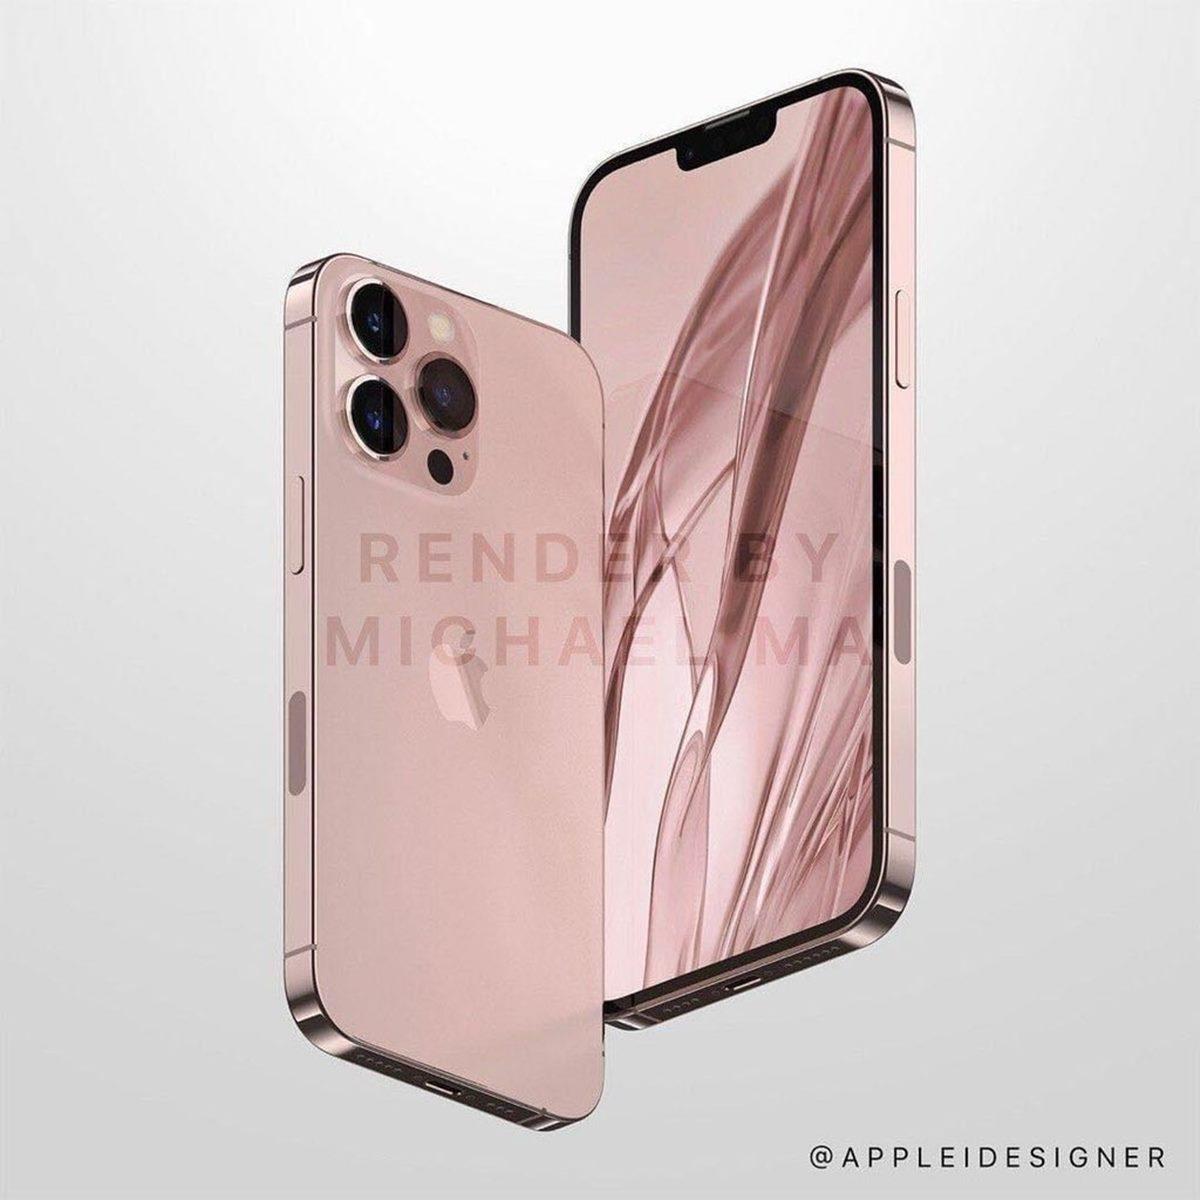 少女心果粉注意!iPhone 13「草莓玫瑰粉」將出現,升級版鏡頭會有「大小眼」